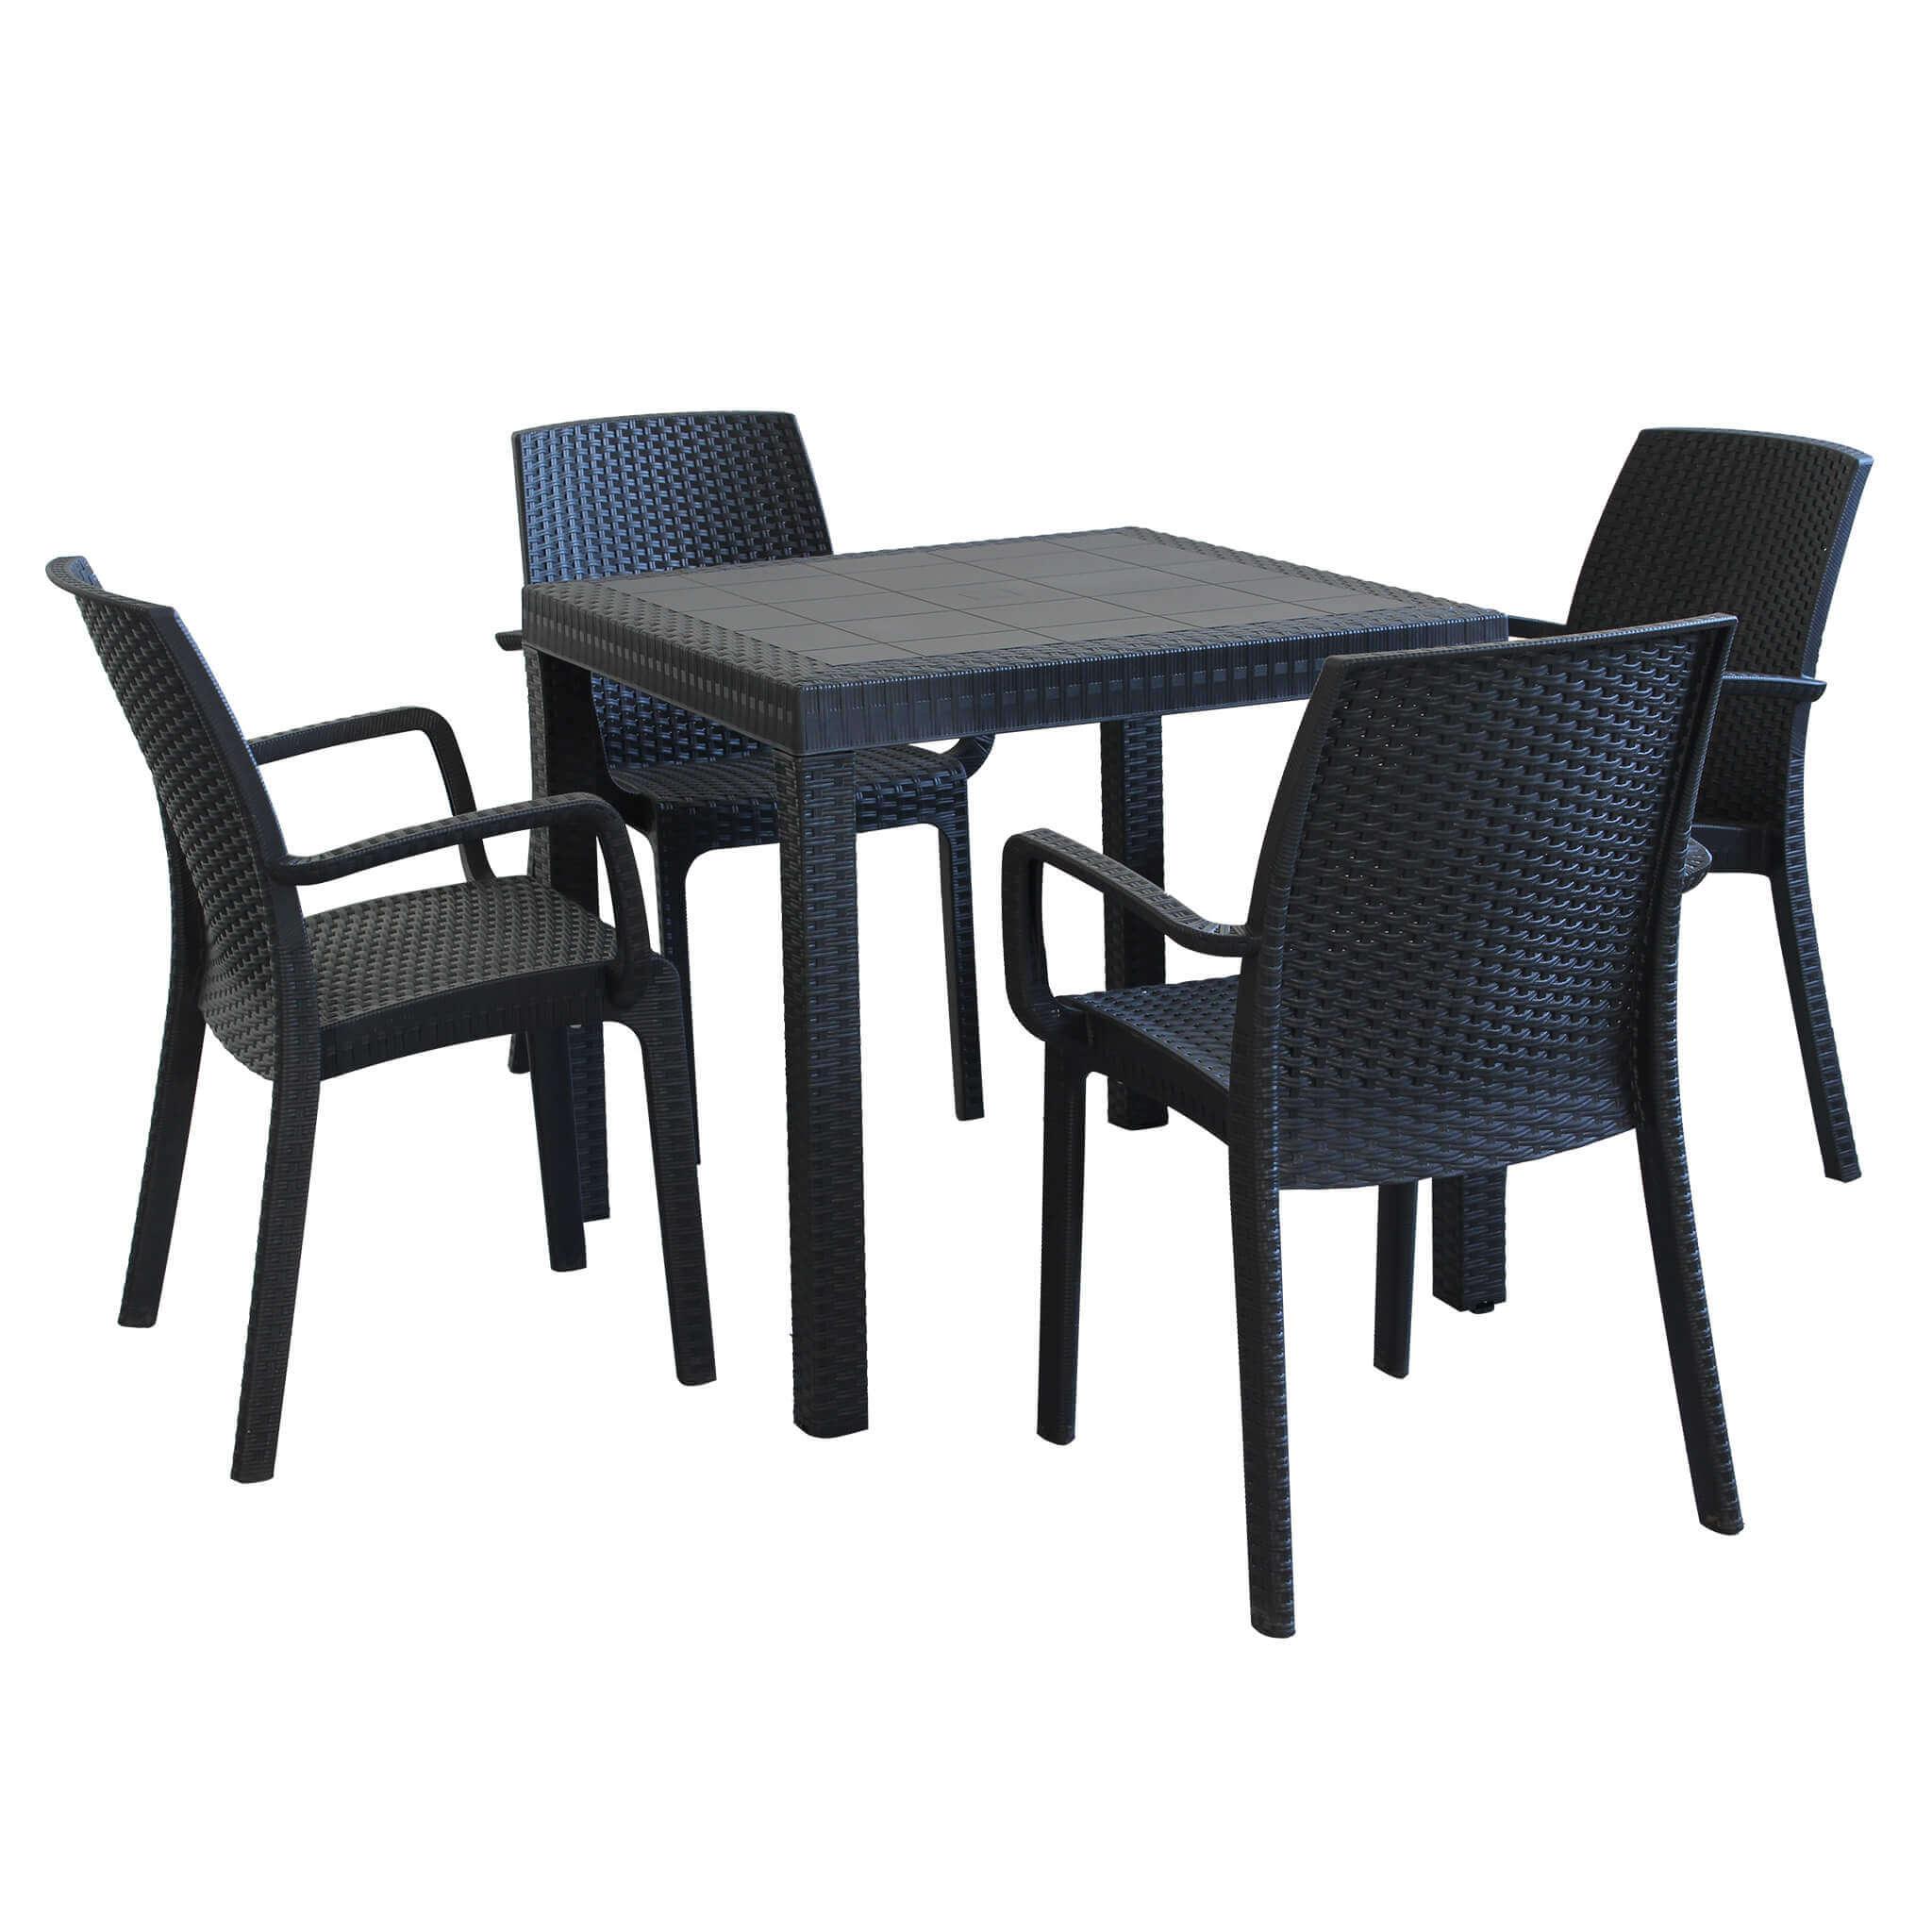 Milani Home EQUITATUS - set tavolo fisso in wicker cm 80 x 80 x 74 h compreso di 4 sedute